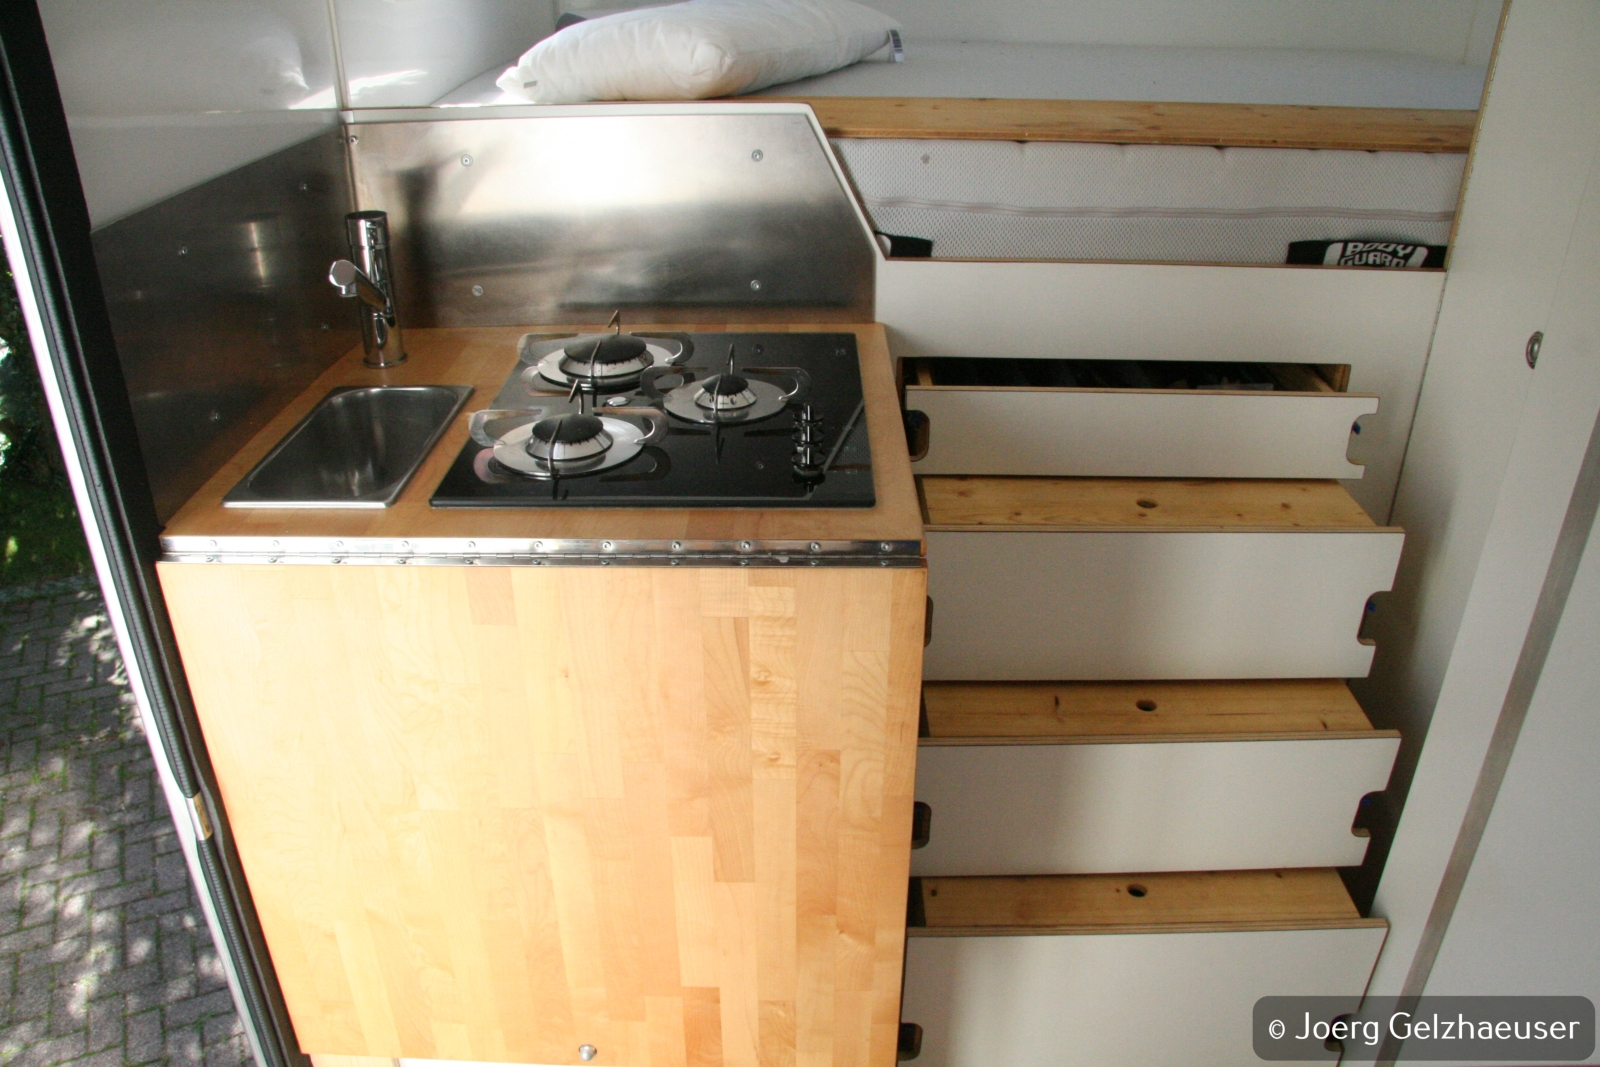 Unimog - Das universelle Motor-(Fernreise)-Gerät - Das große Kochfeld und das kleine Waschbecken samt Arbeitsplattenverlängerung - man(n) muss Prioritäten setzen. Daneben die Schubladen für die Küche auf arretierbaren Schwerlastauszügen. Die beiden unteren dienen zusätzlich als Treppe für das Bett.